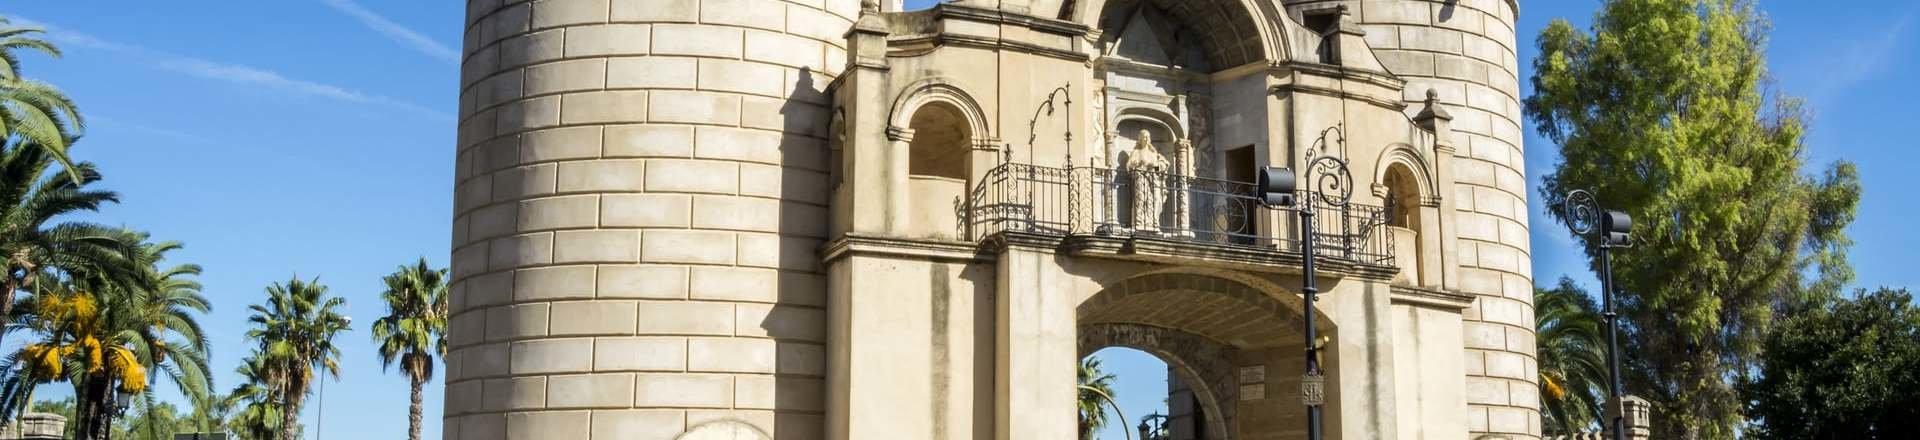 Hoteles en badajoz baratos desde 546 destinia for Hoteles en badajoz con piscina